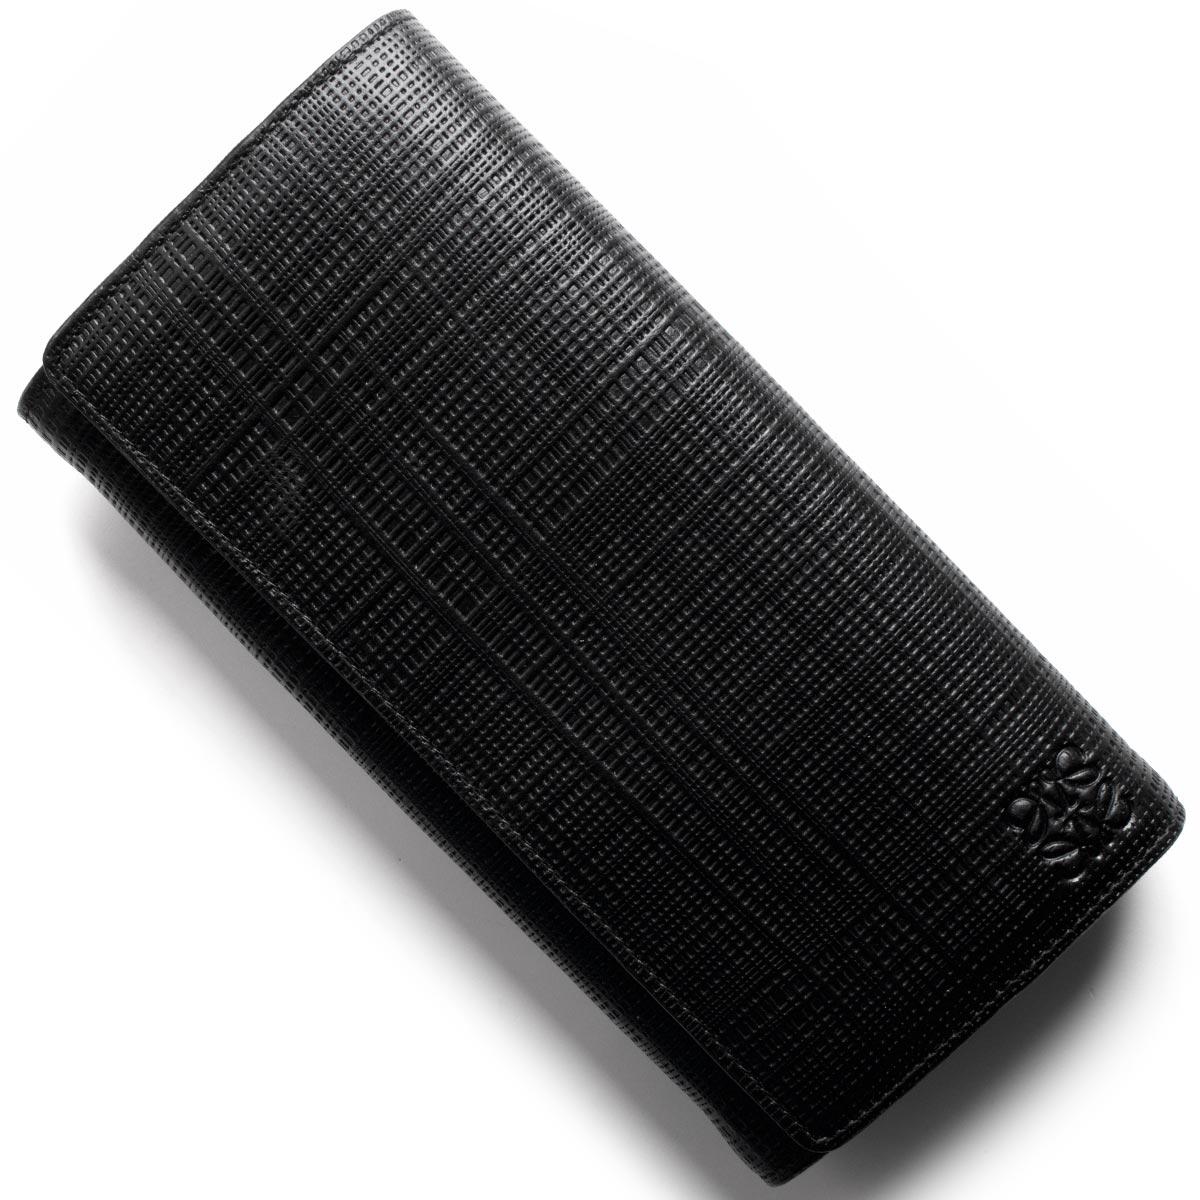 【最大3万円割引クーポン 11/01~】ロエベ 長財布 財布 メンズ レディース リネン ブラック 101 K98 88 1100 LOEWE